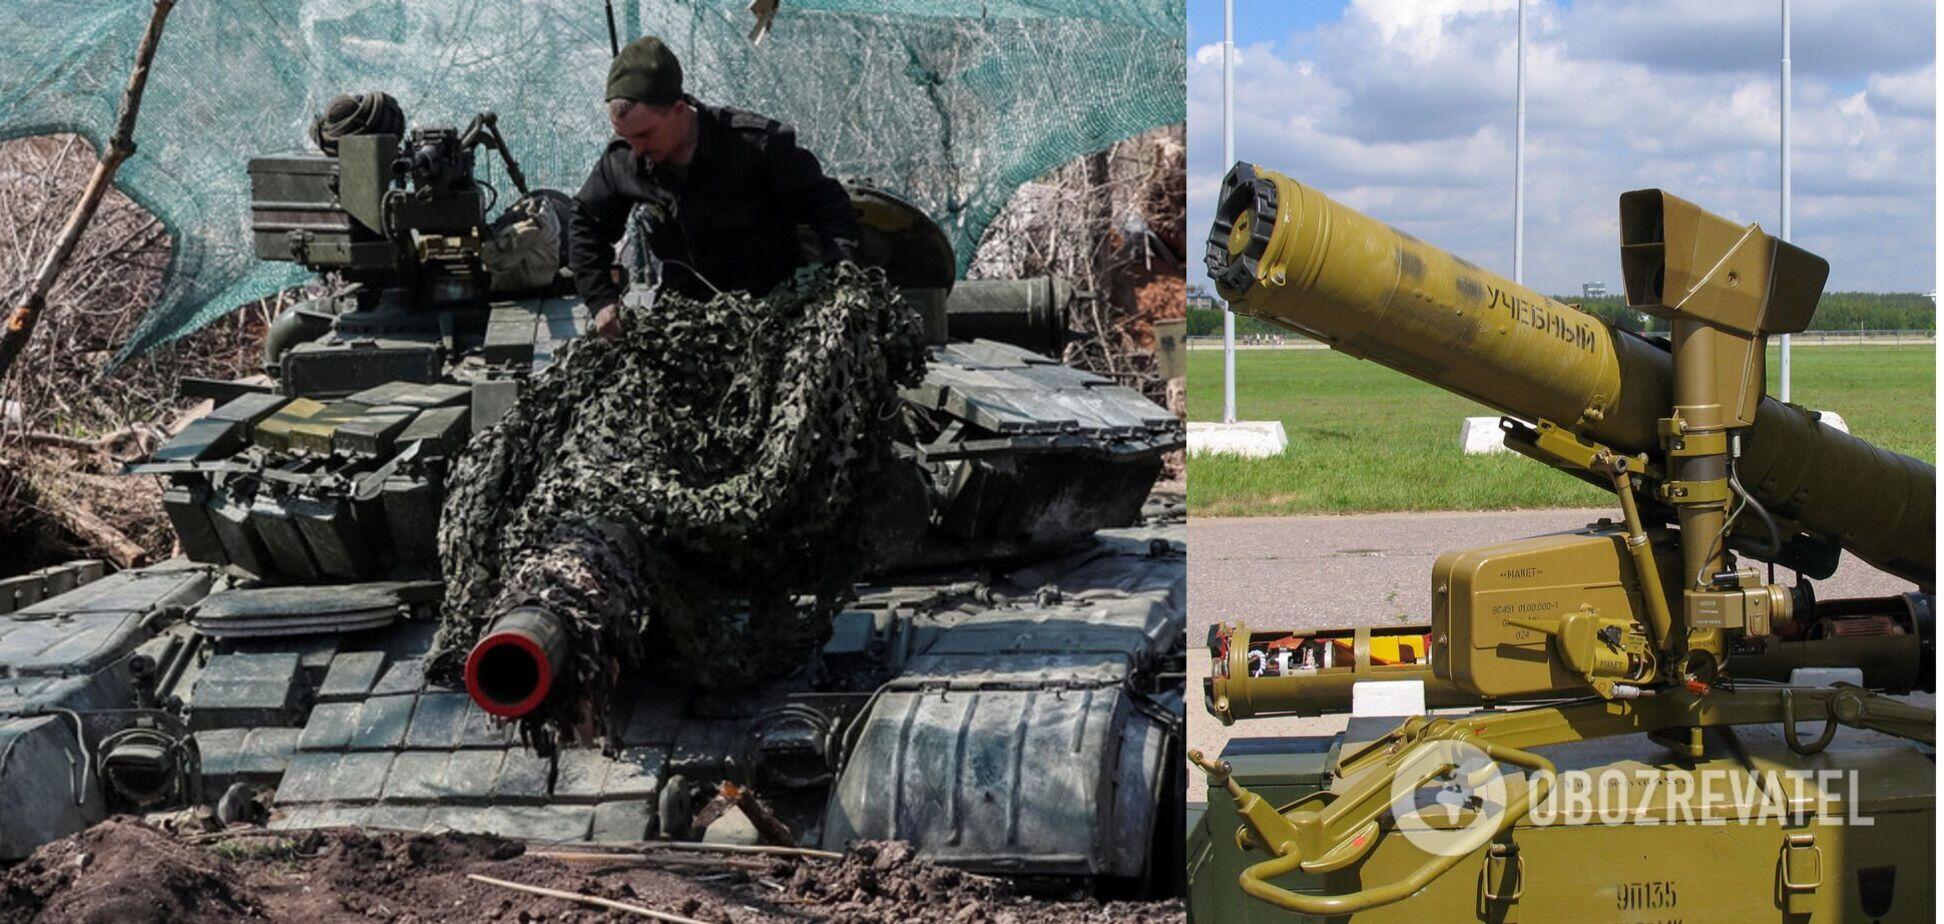 Оккупанты обстреляли ВСУ из противотанкового ракетного комплекса, есть жертвы. Видео